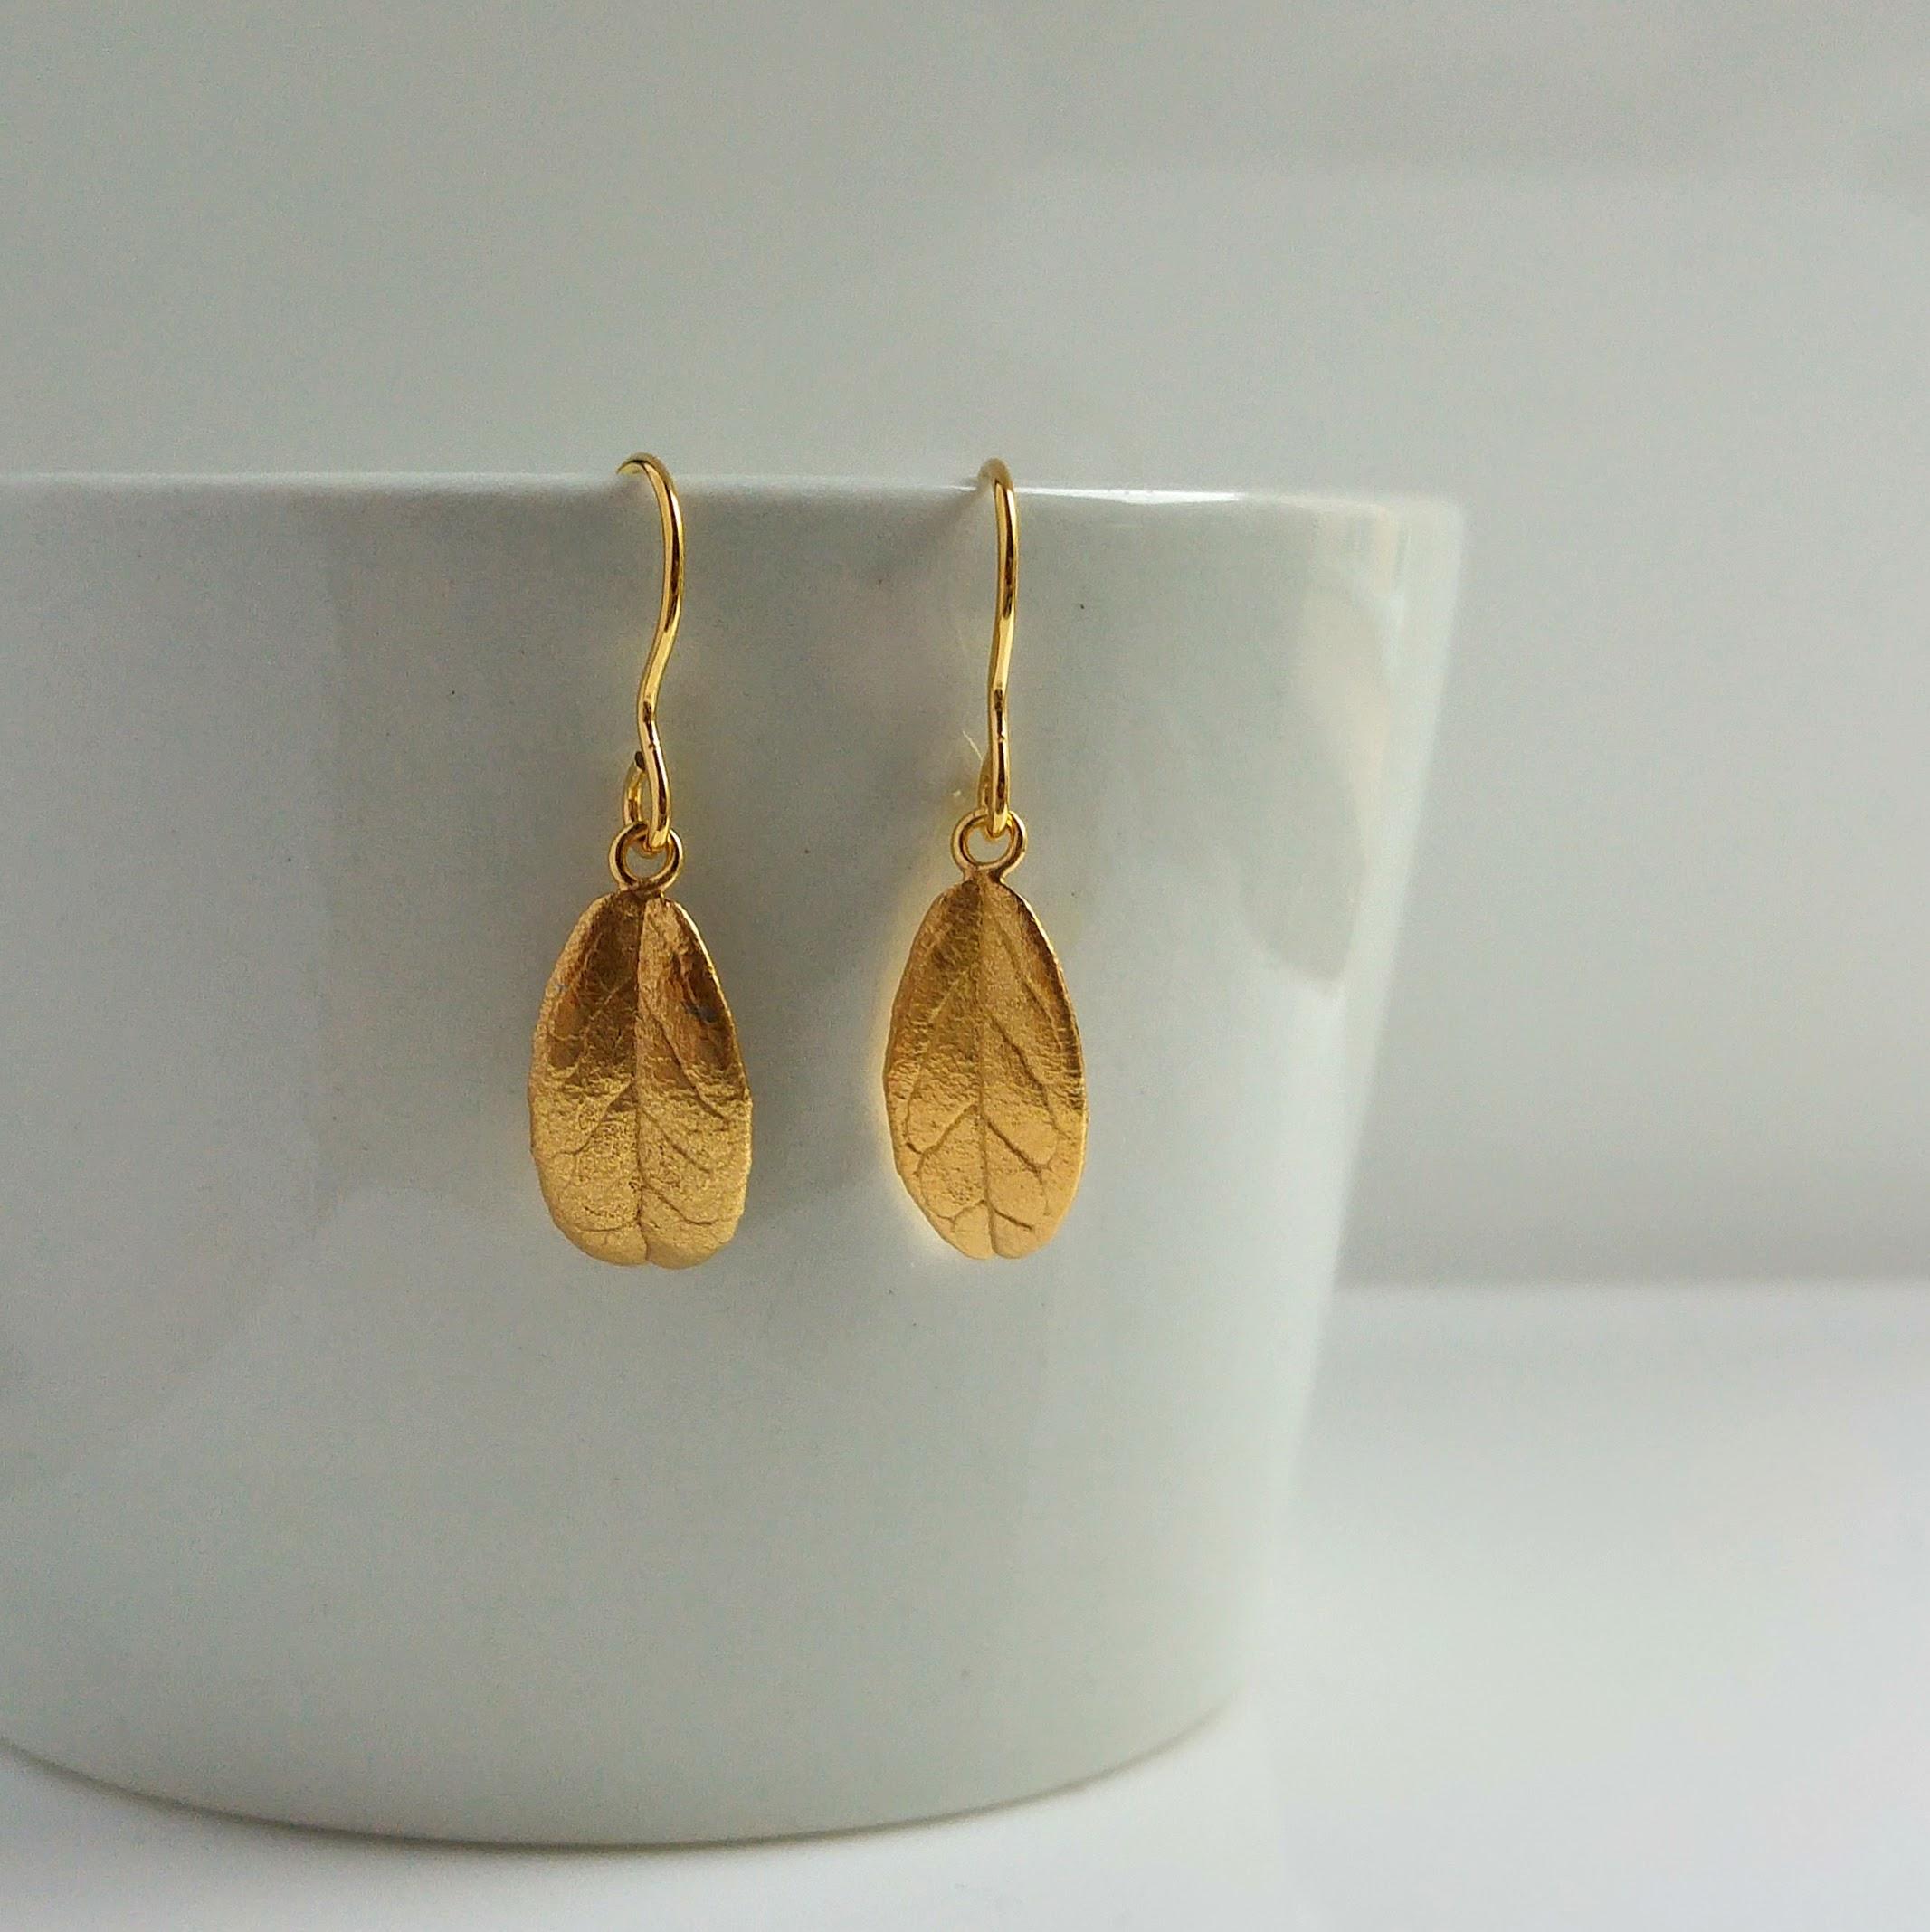 Eternal Lingon earrings, golden